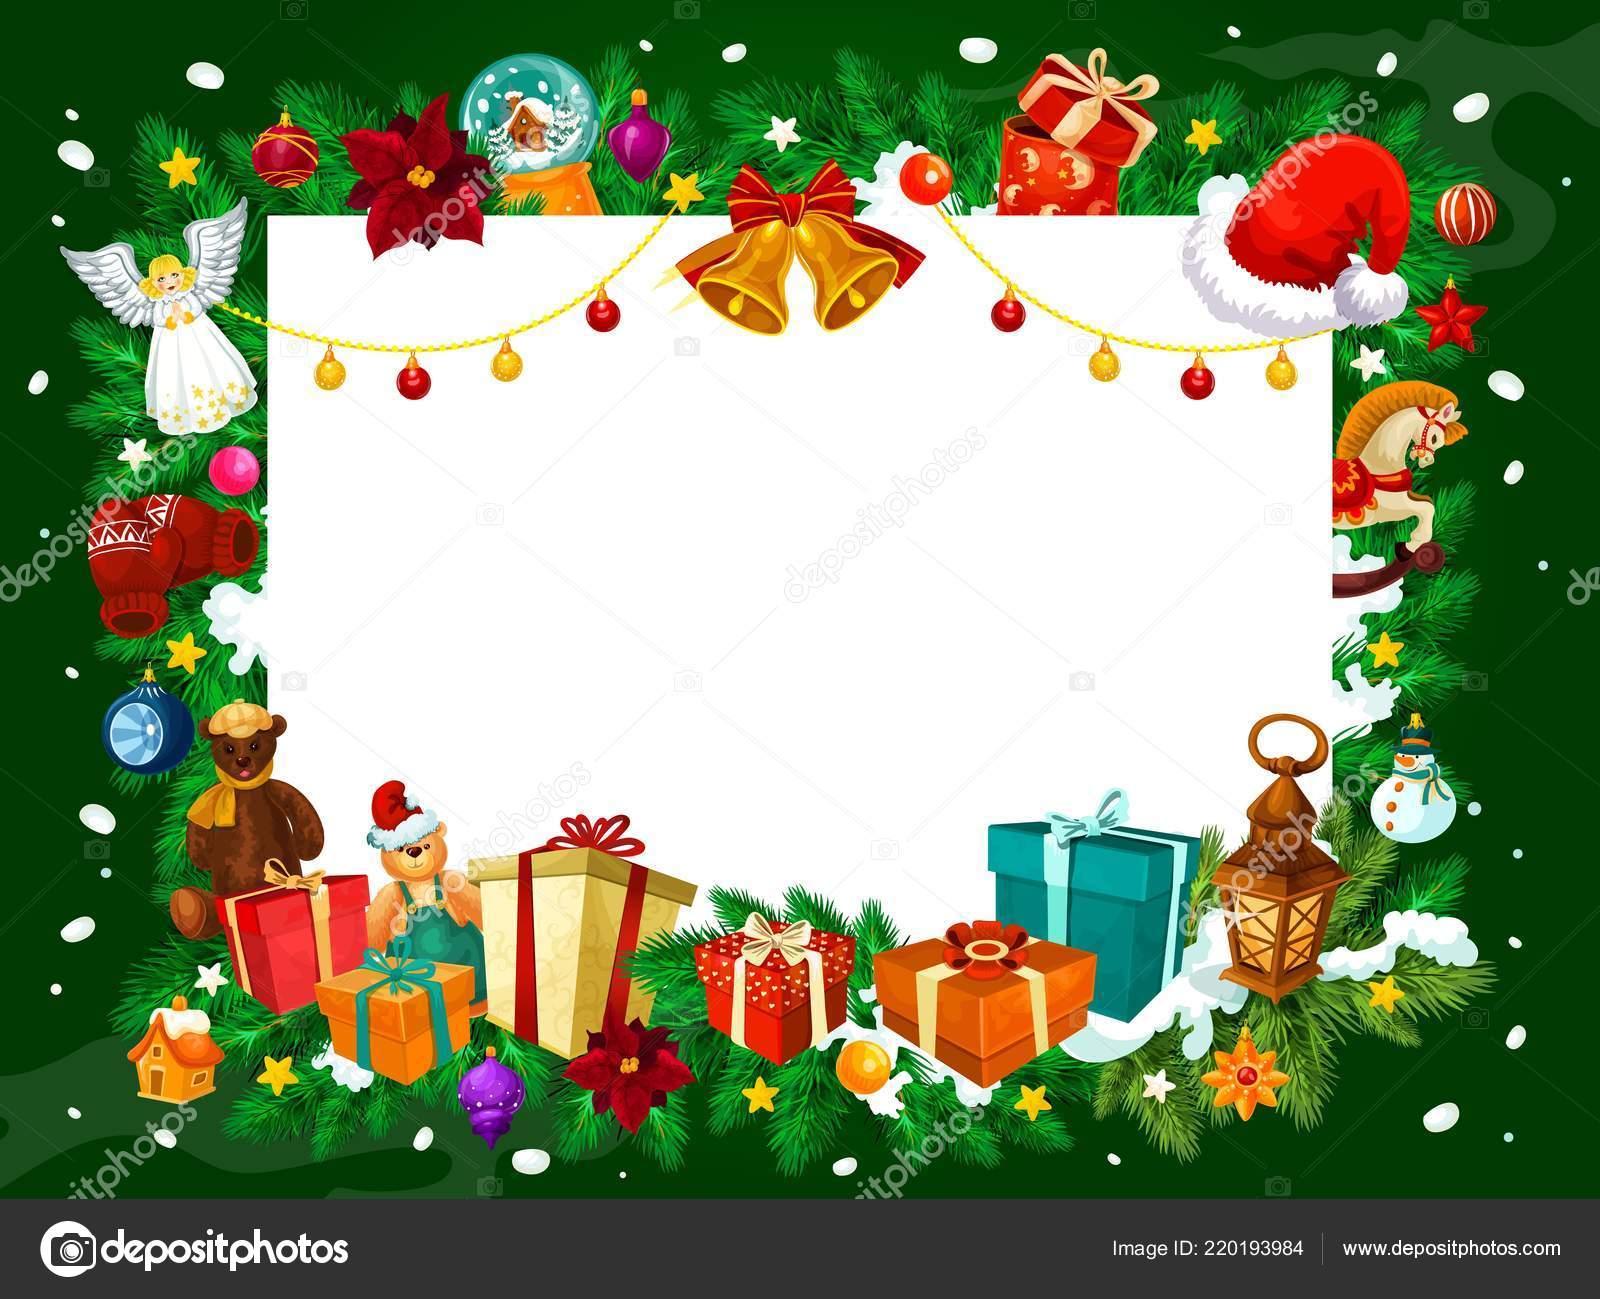 Marcos Para Fotos De Arbol De Navidad.Marco De Navidad De Regalos Y Adornos De Arbol Vector De